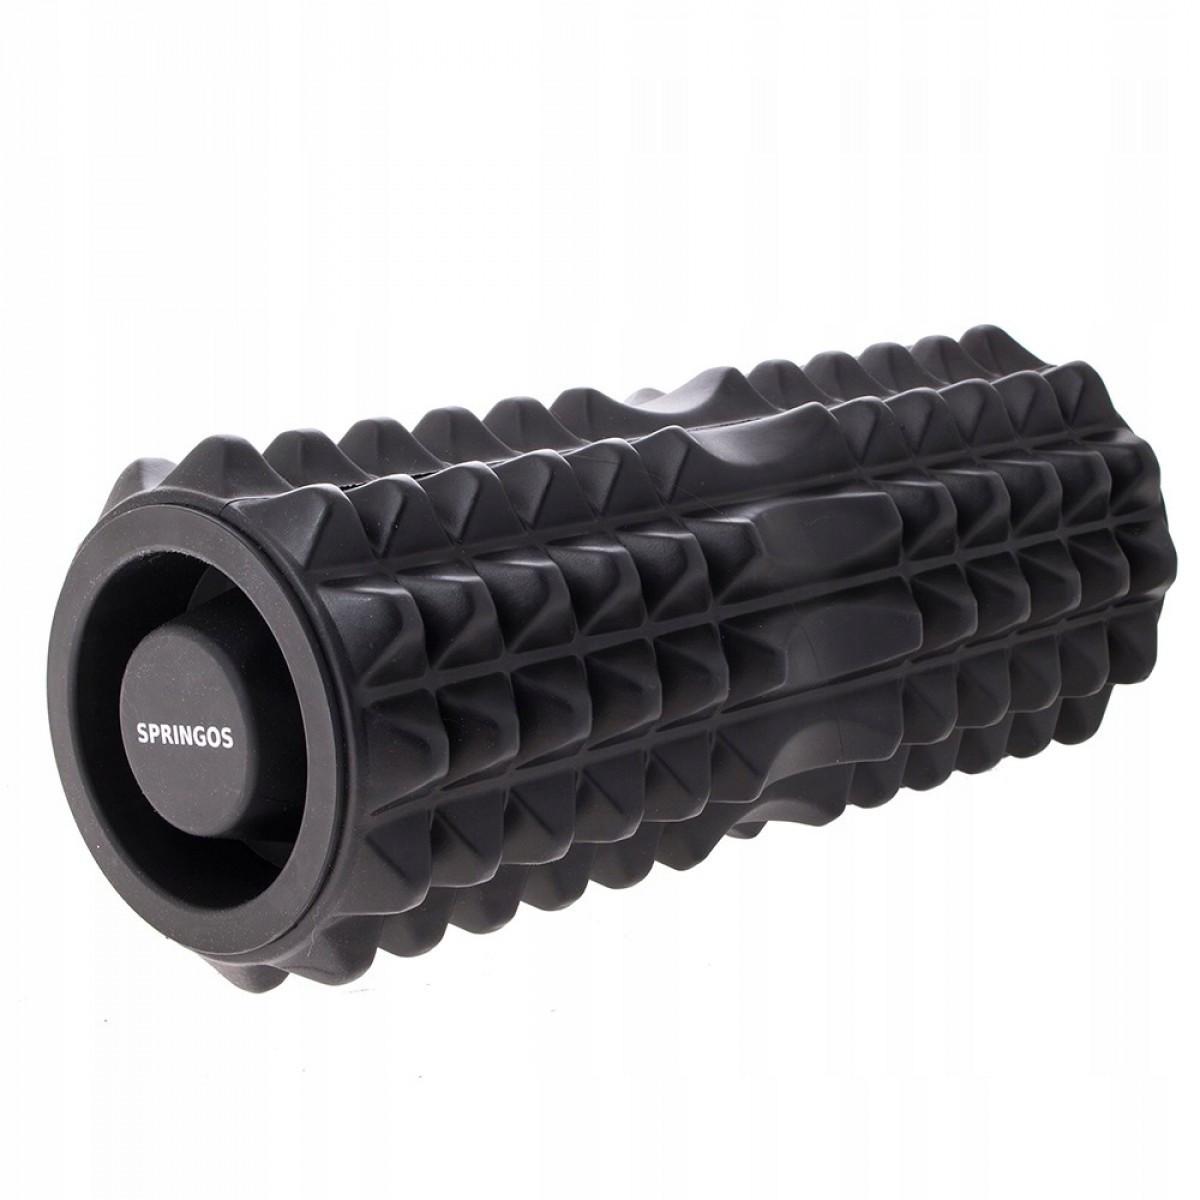 Массажный ролик (валик, роллер, ролл) Springos 33.5 x 13.5 см FR0006 Black для йоги и фитнеса